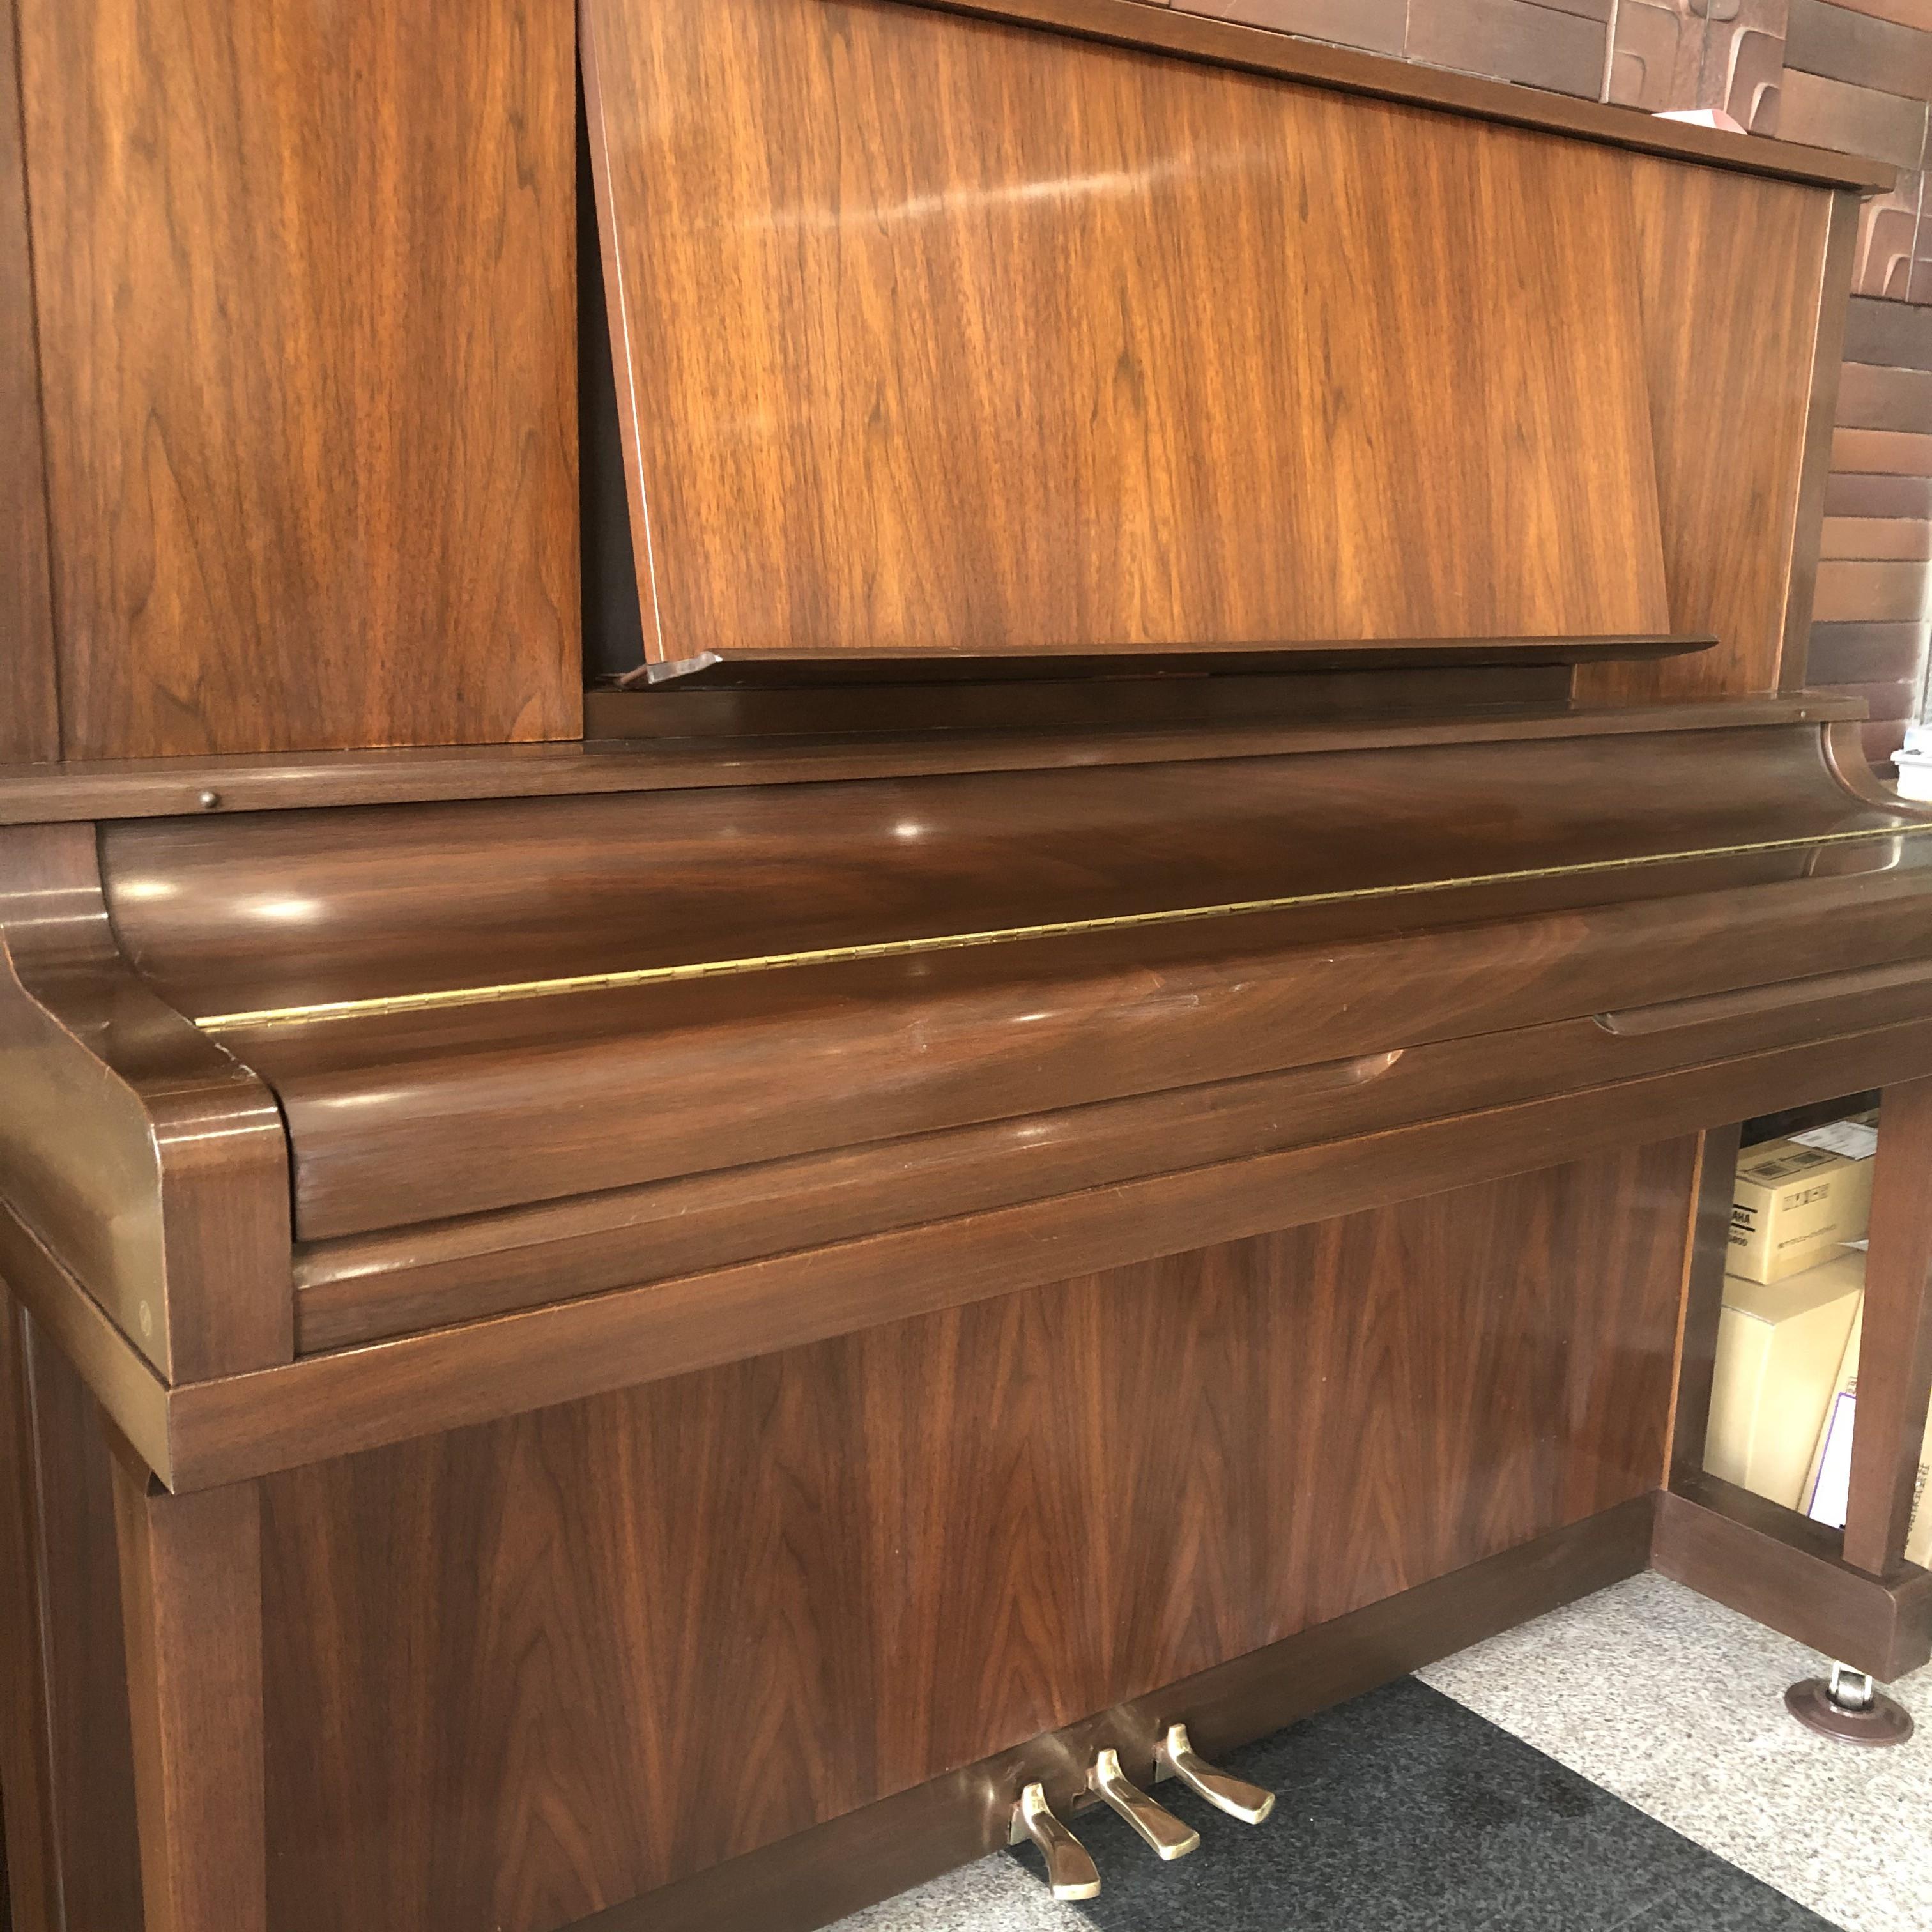 ヤマハ 木目中古ピアノ UX30-wn(YOUTUBE解説あり)